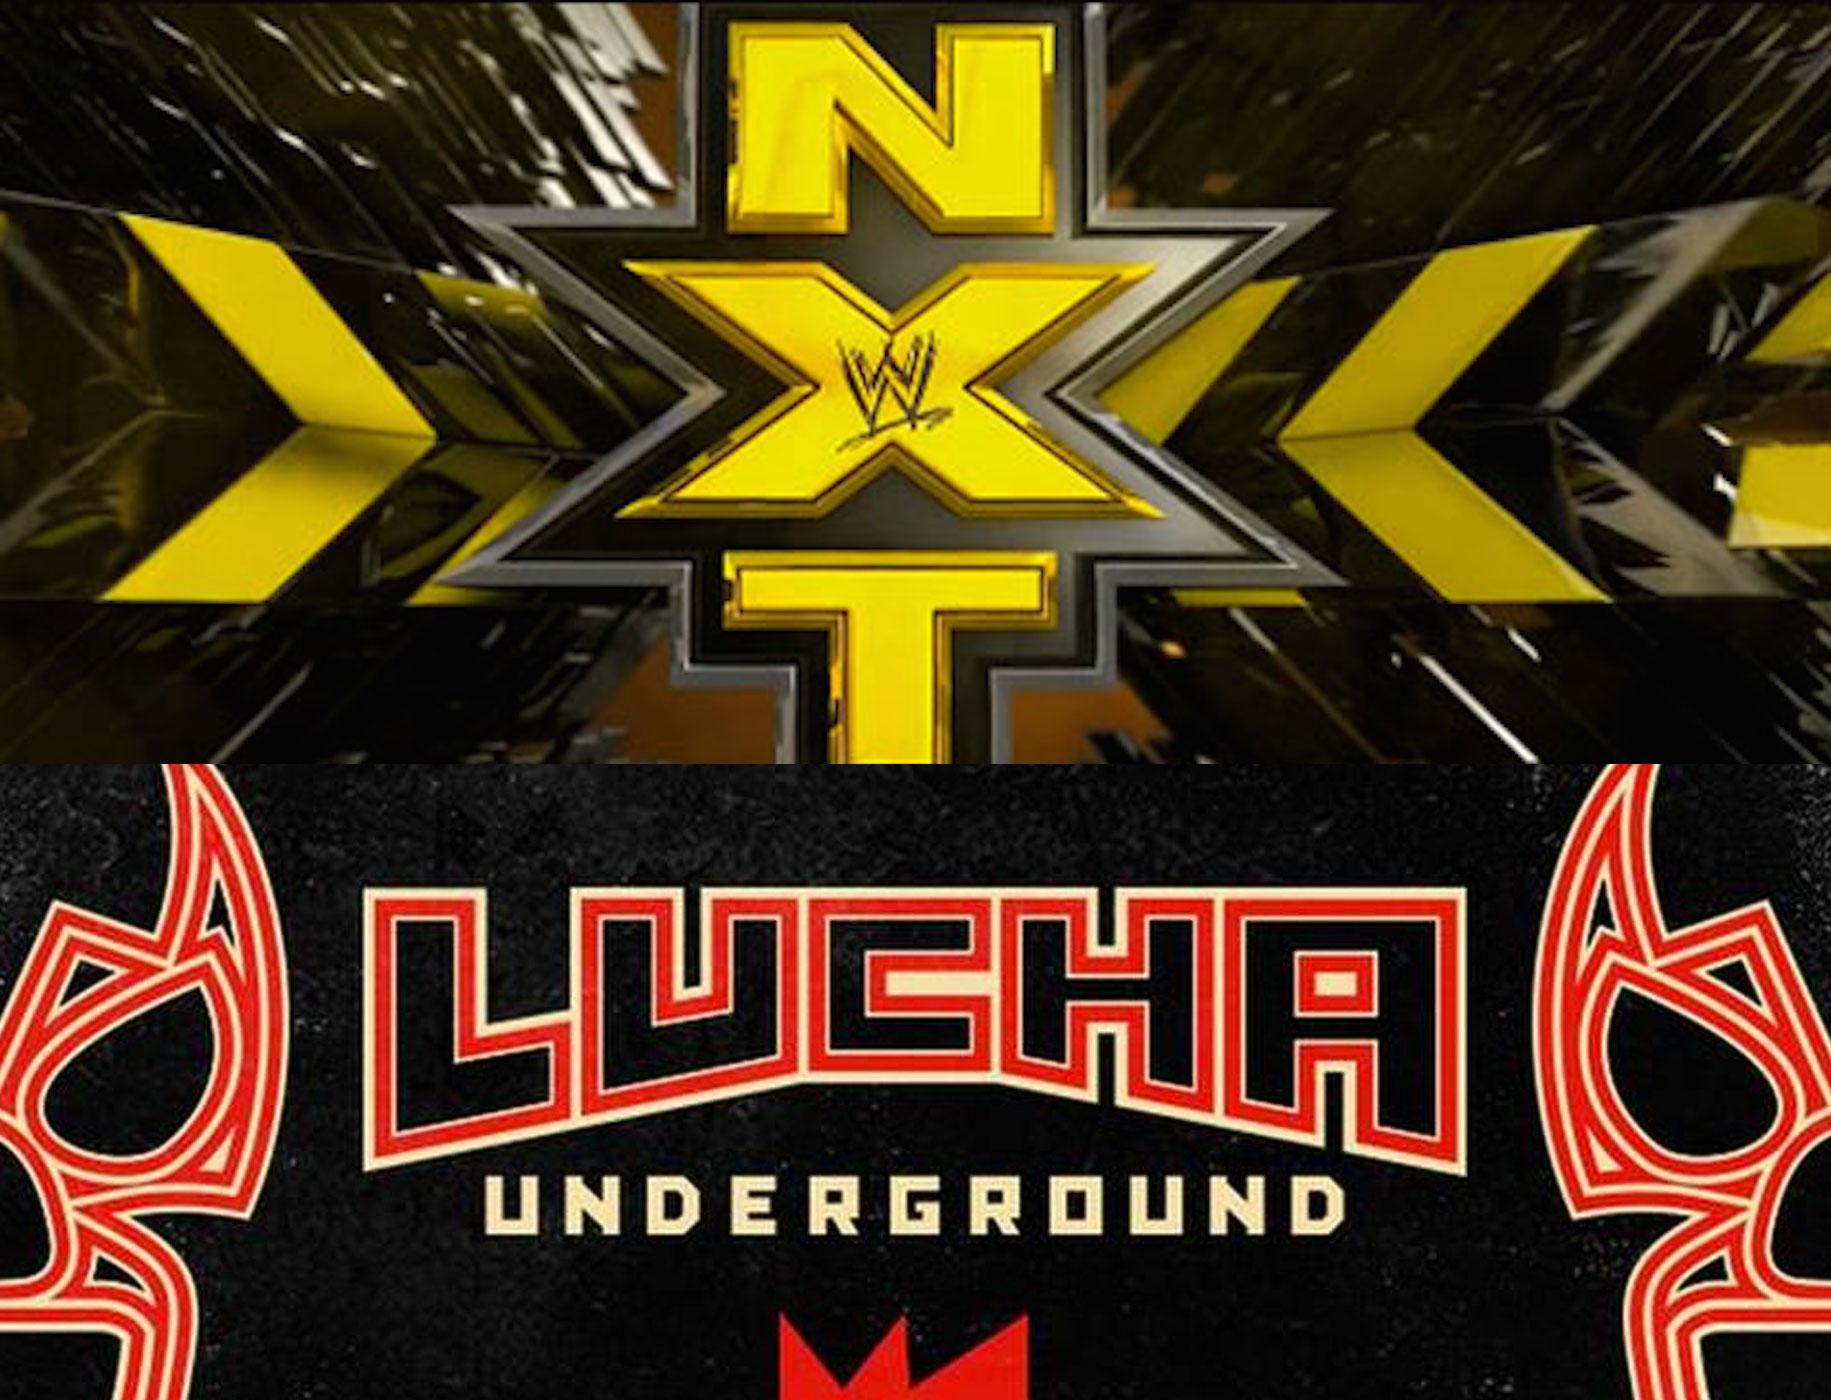 Lucha Undergound and NXT